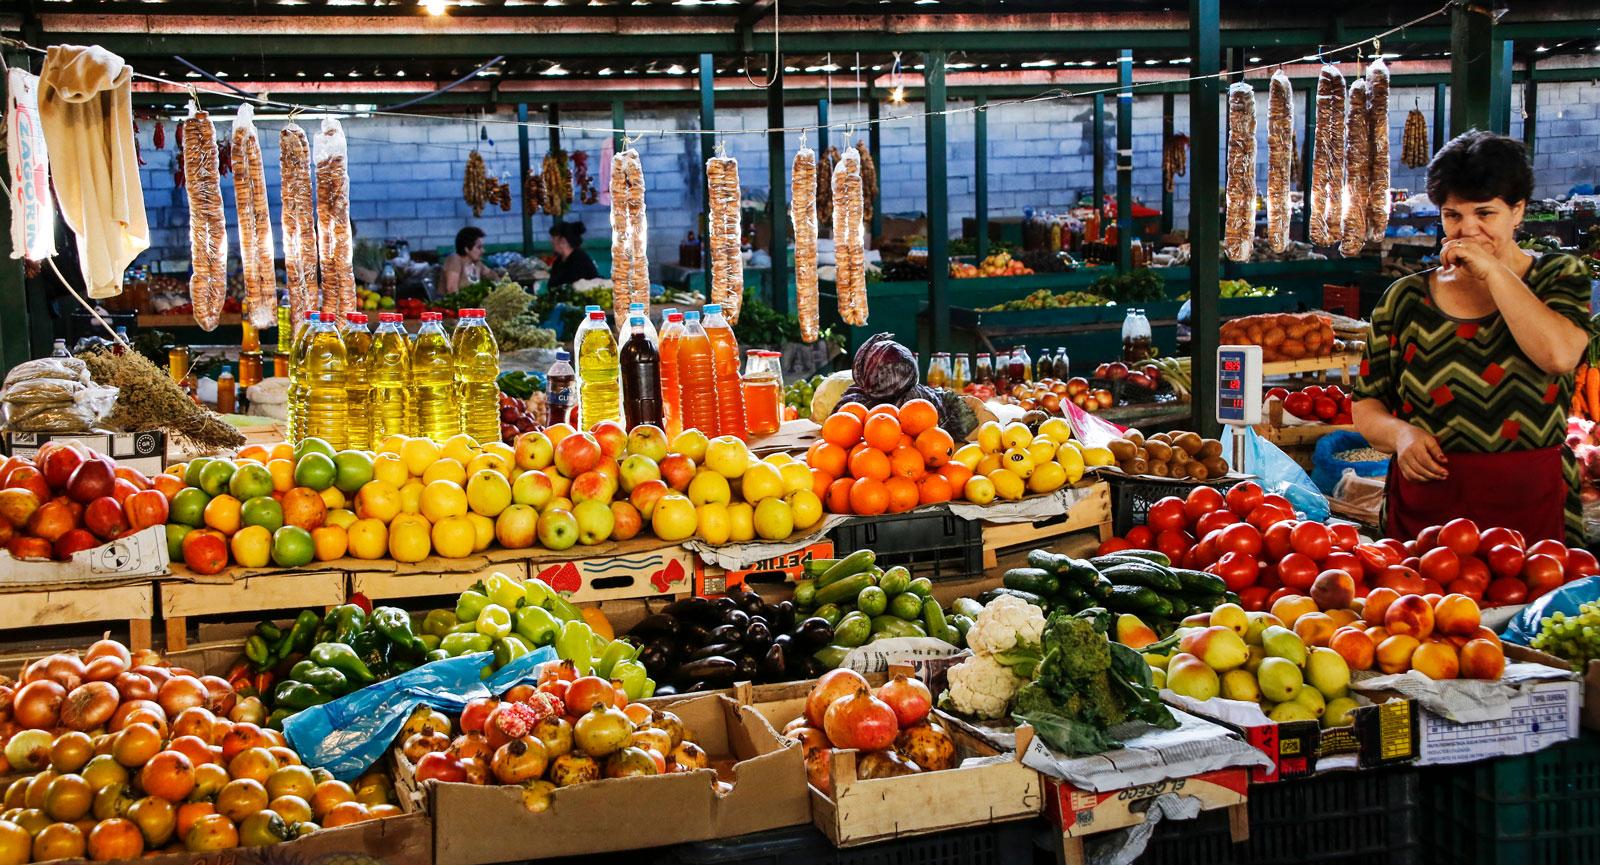 Färska kryddor, frukt och grönt. Gå runt och njut av Balkans rika utbud av grönsaker på marknaden i Saranda.